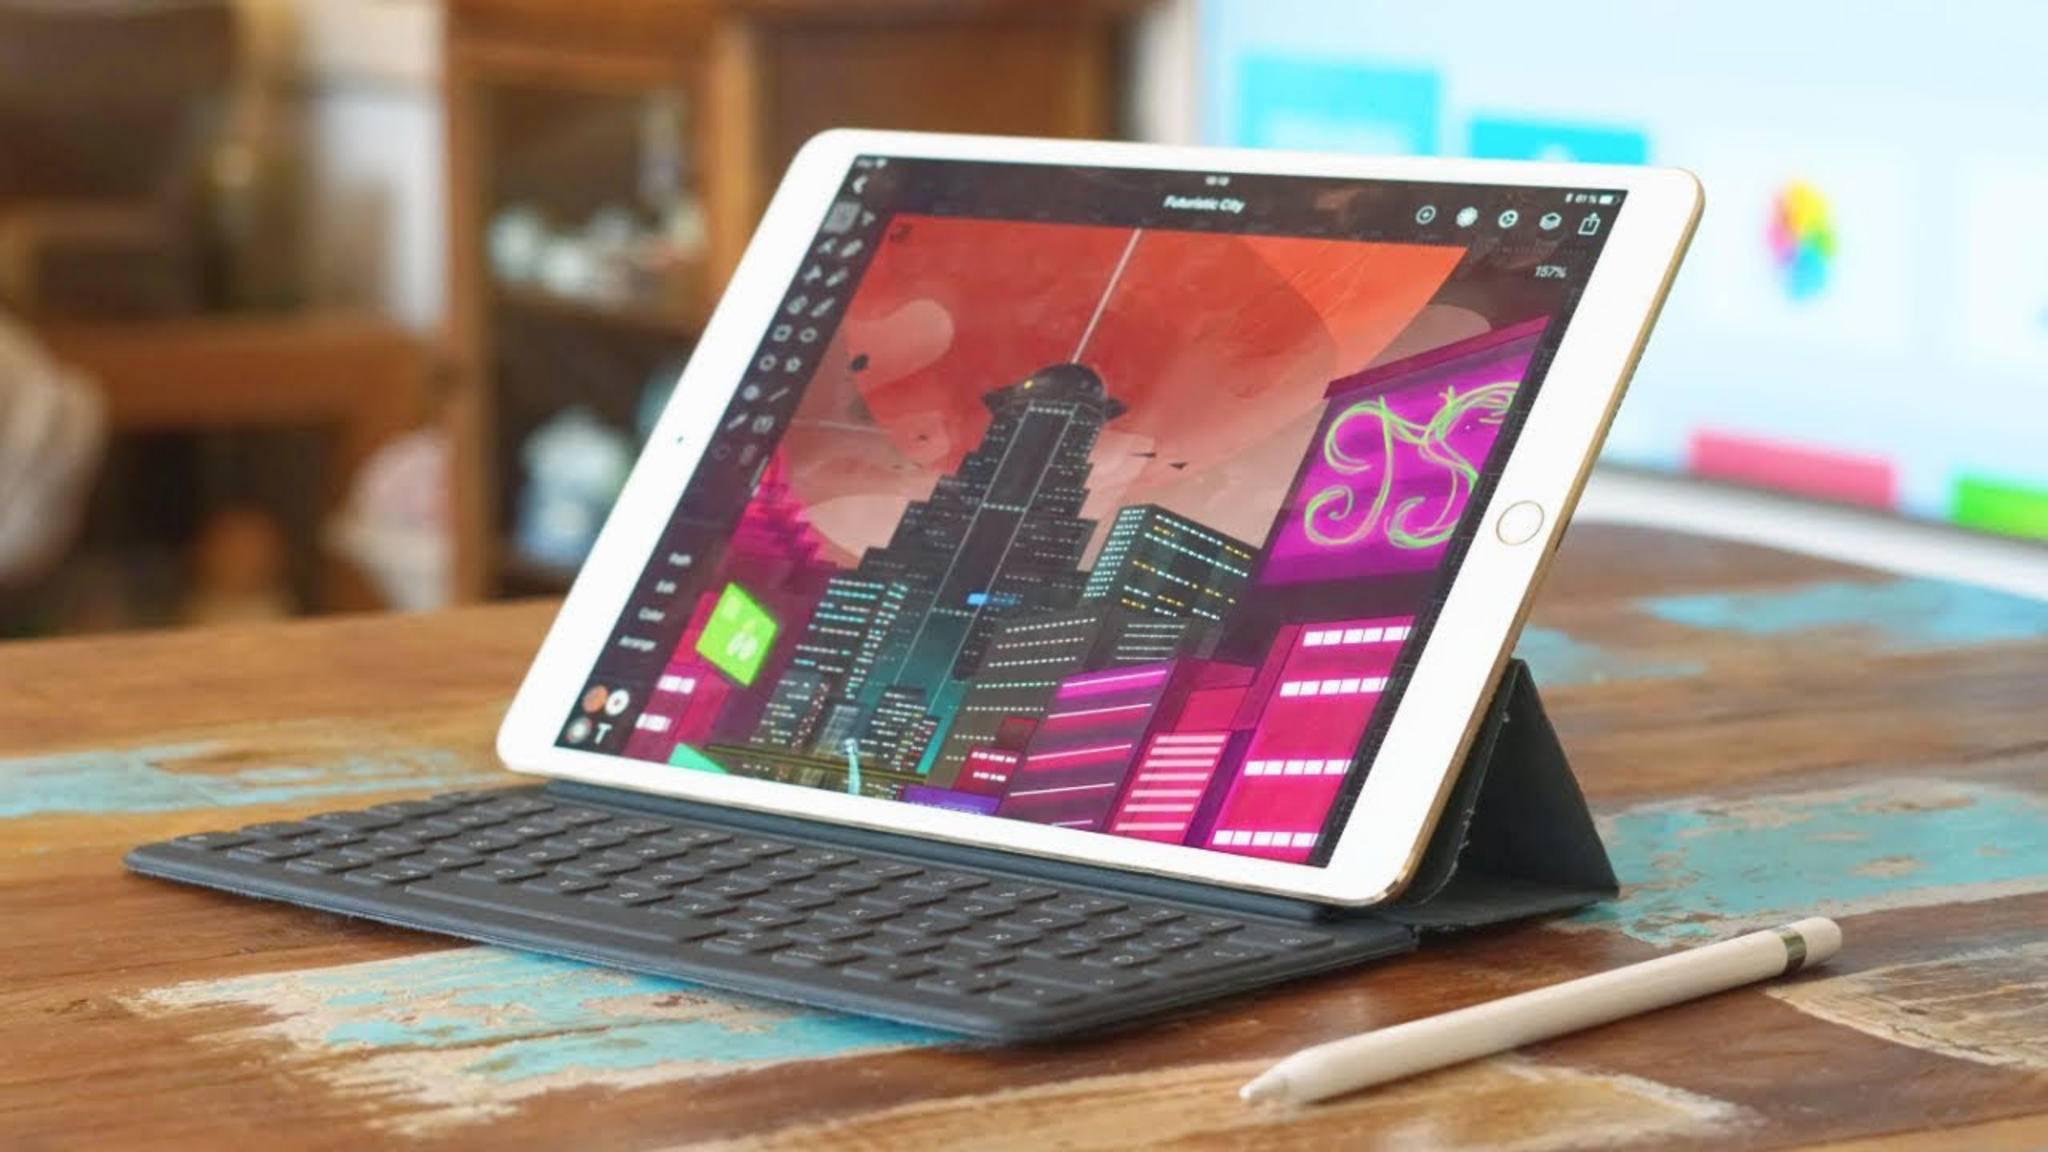 Wird man das iPad schon bald als externen Monitor für den Mac nutzen können?